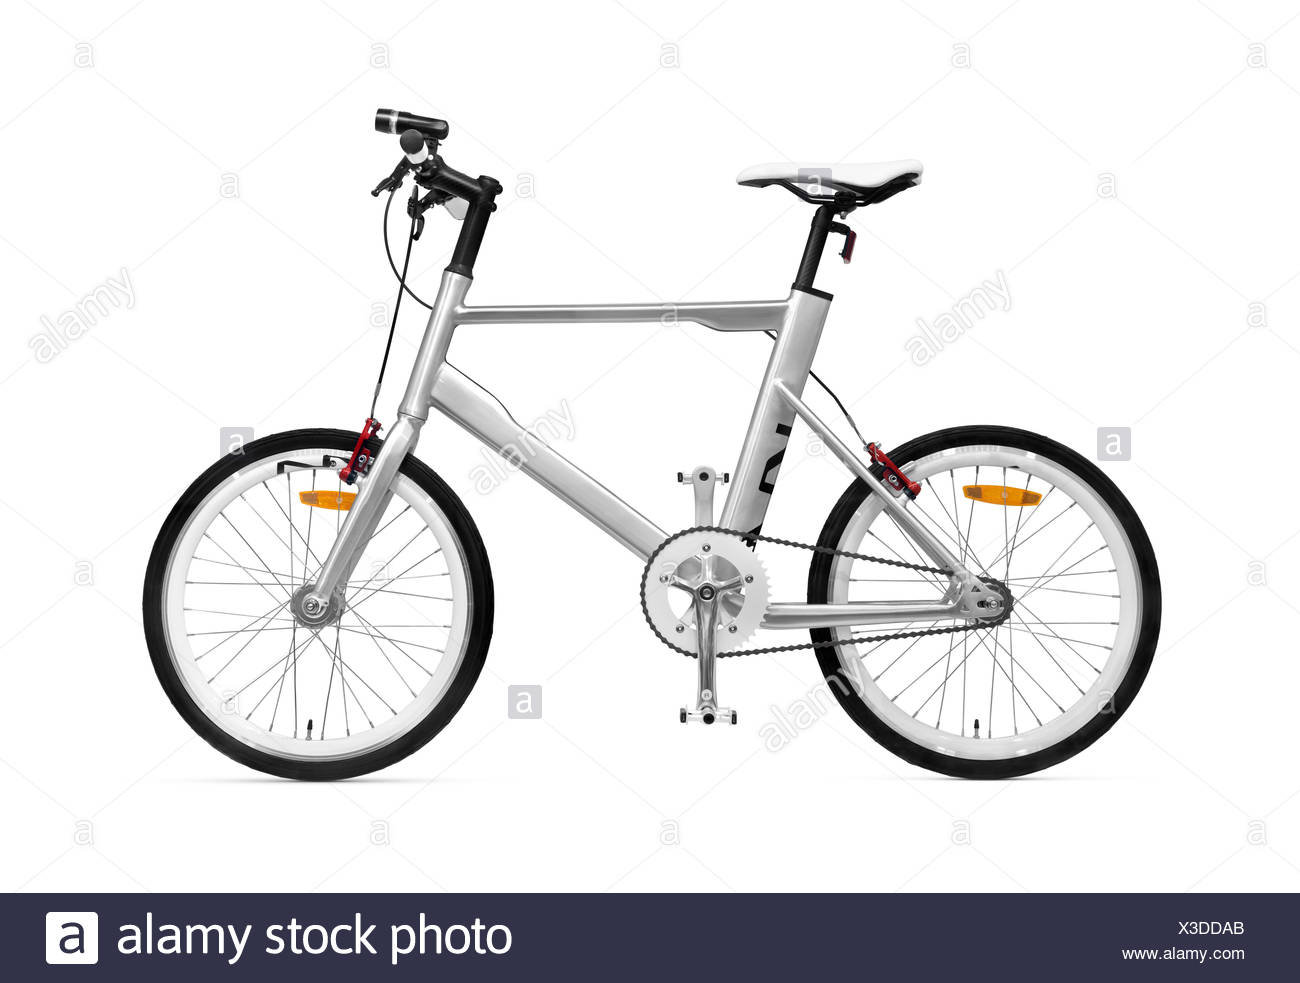 K VELO Noleggio Kia Motors bike isolato su sfondo bianco con tracciato di ritaglio Immagini Stock